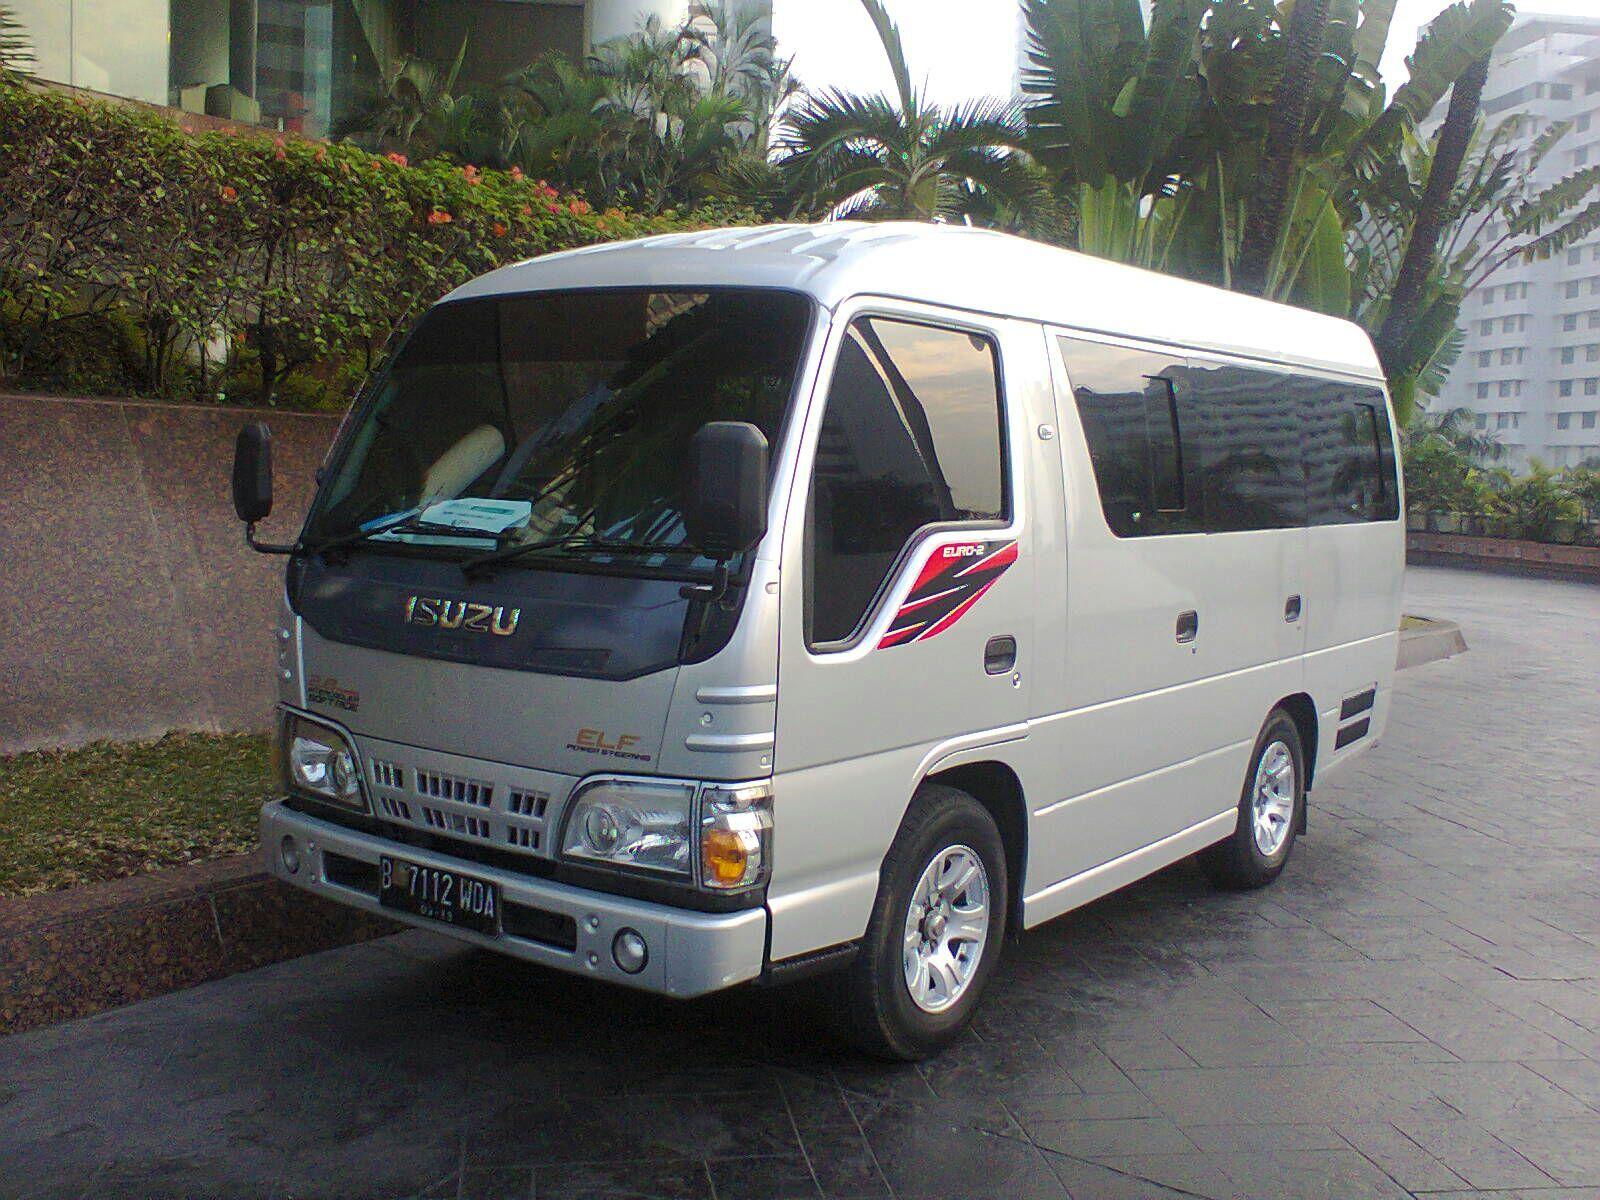 Harga Sewa Elf Pariwisata Sewa Elf Jakarta Sewa Bus Pariwisata